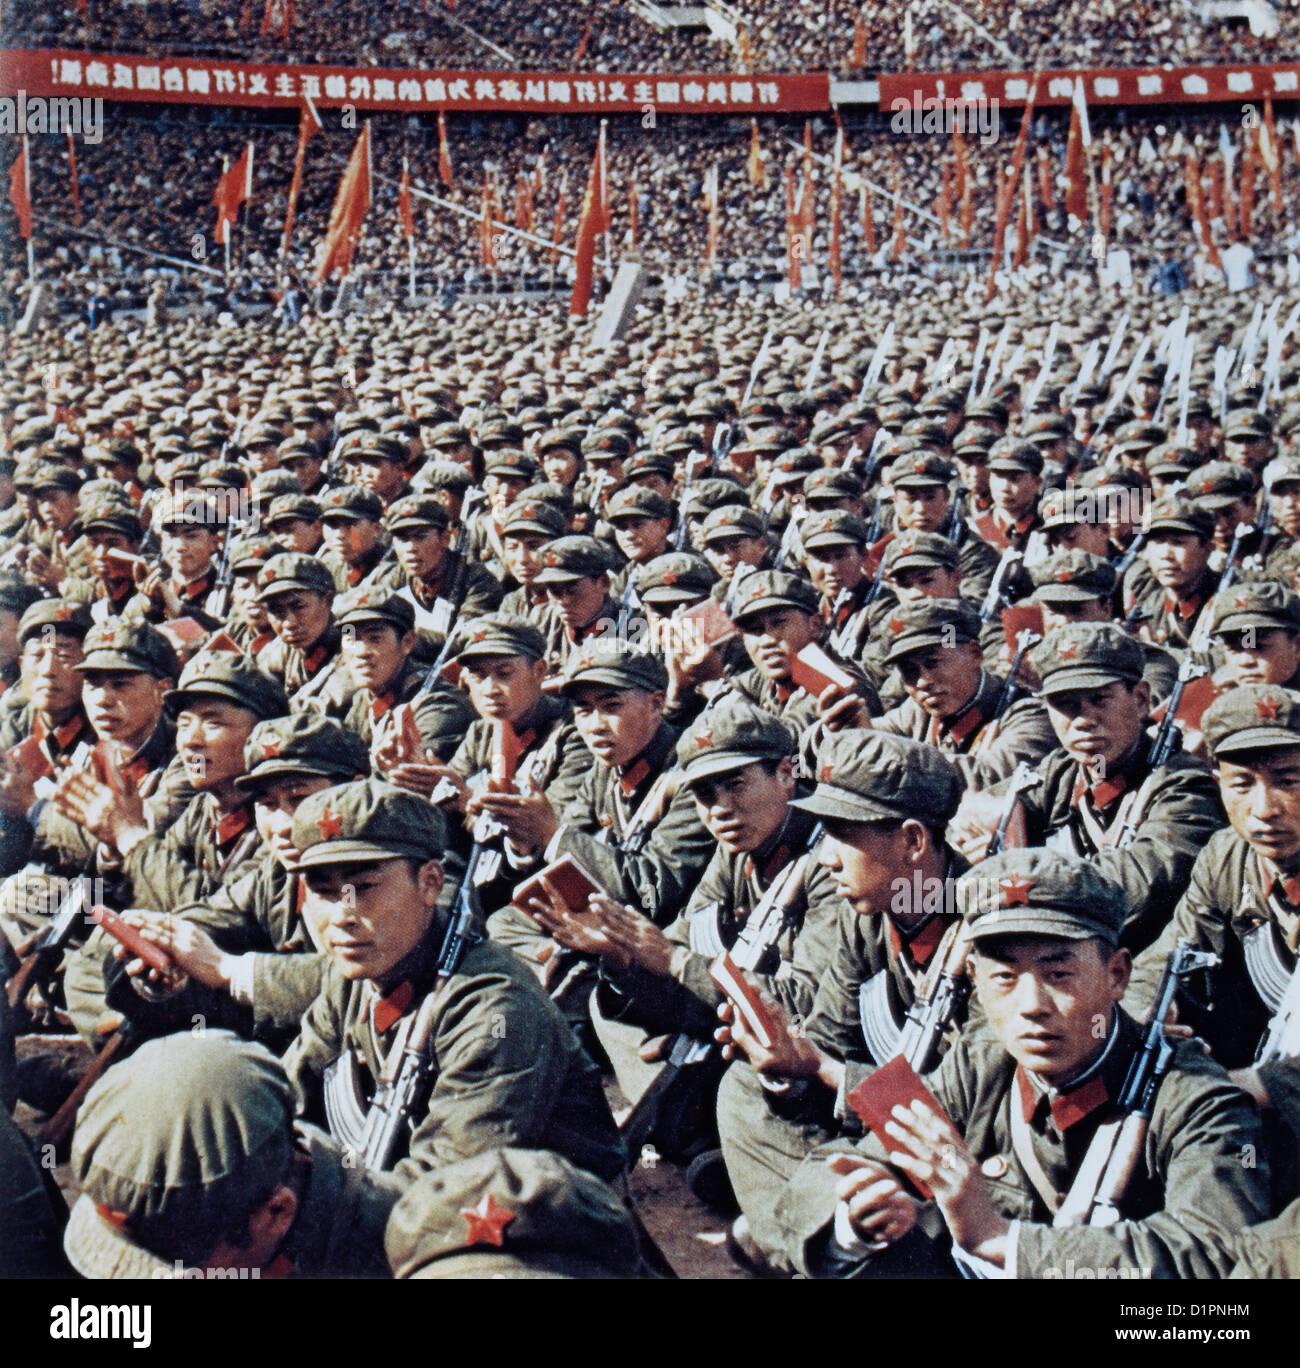 Le Guardie rosse al Rally la lettura di Mao Zedong Libretto Rosso, Pechino, Cina, 1966 Immagini Stock